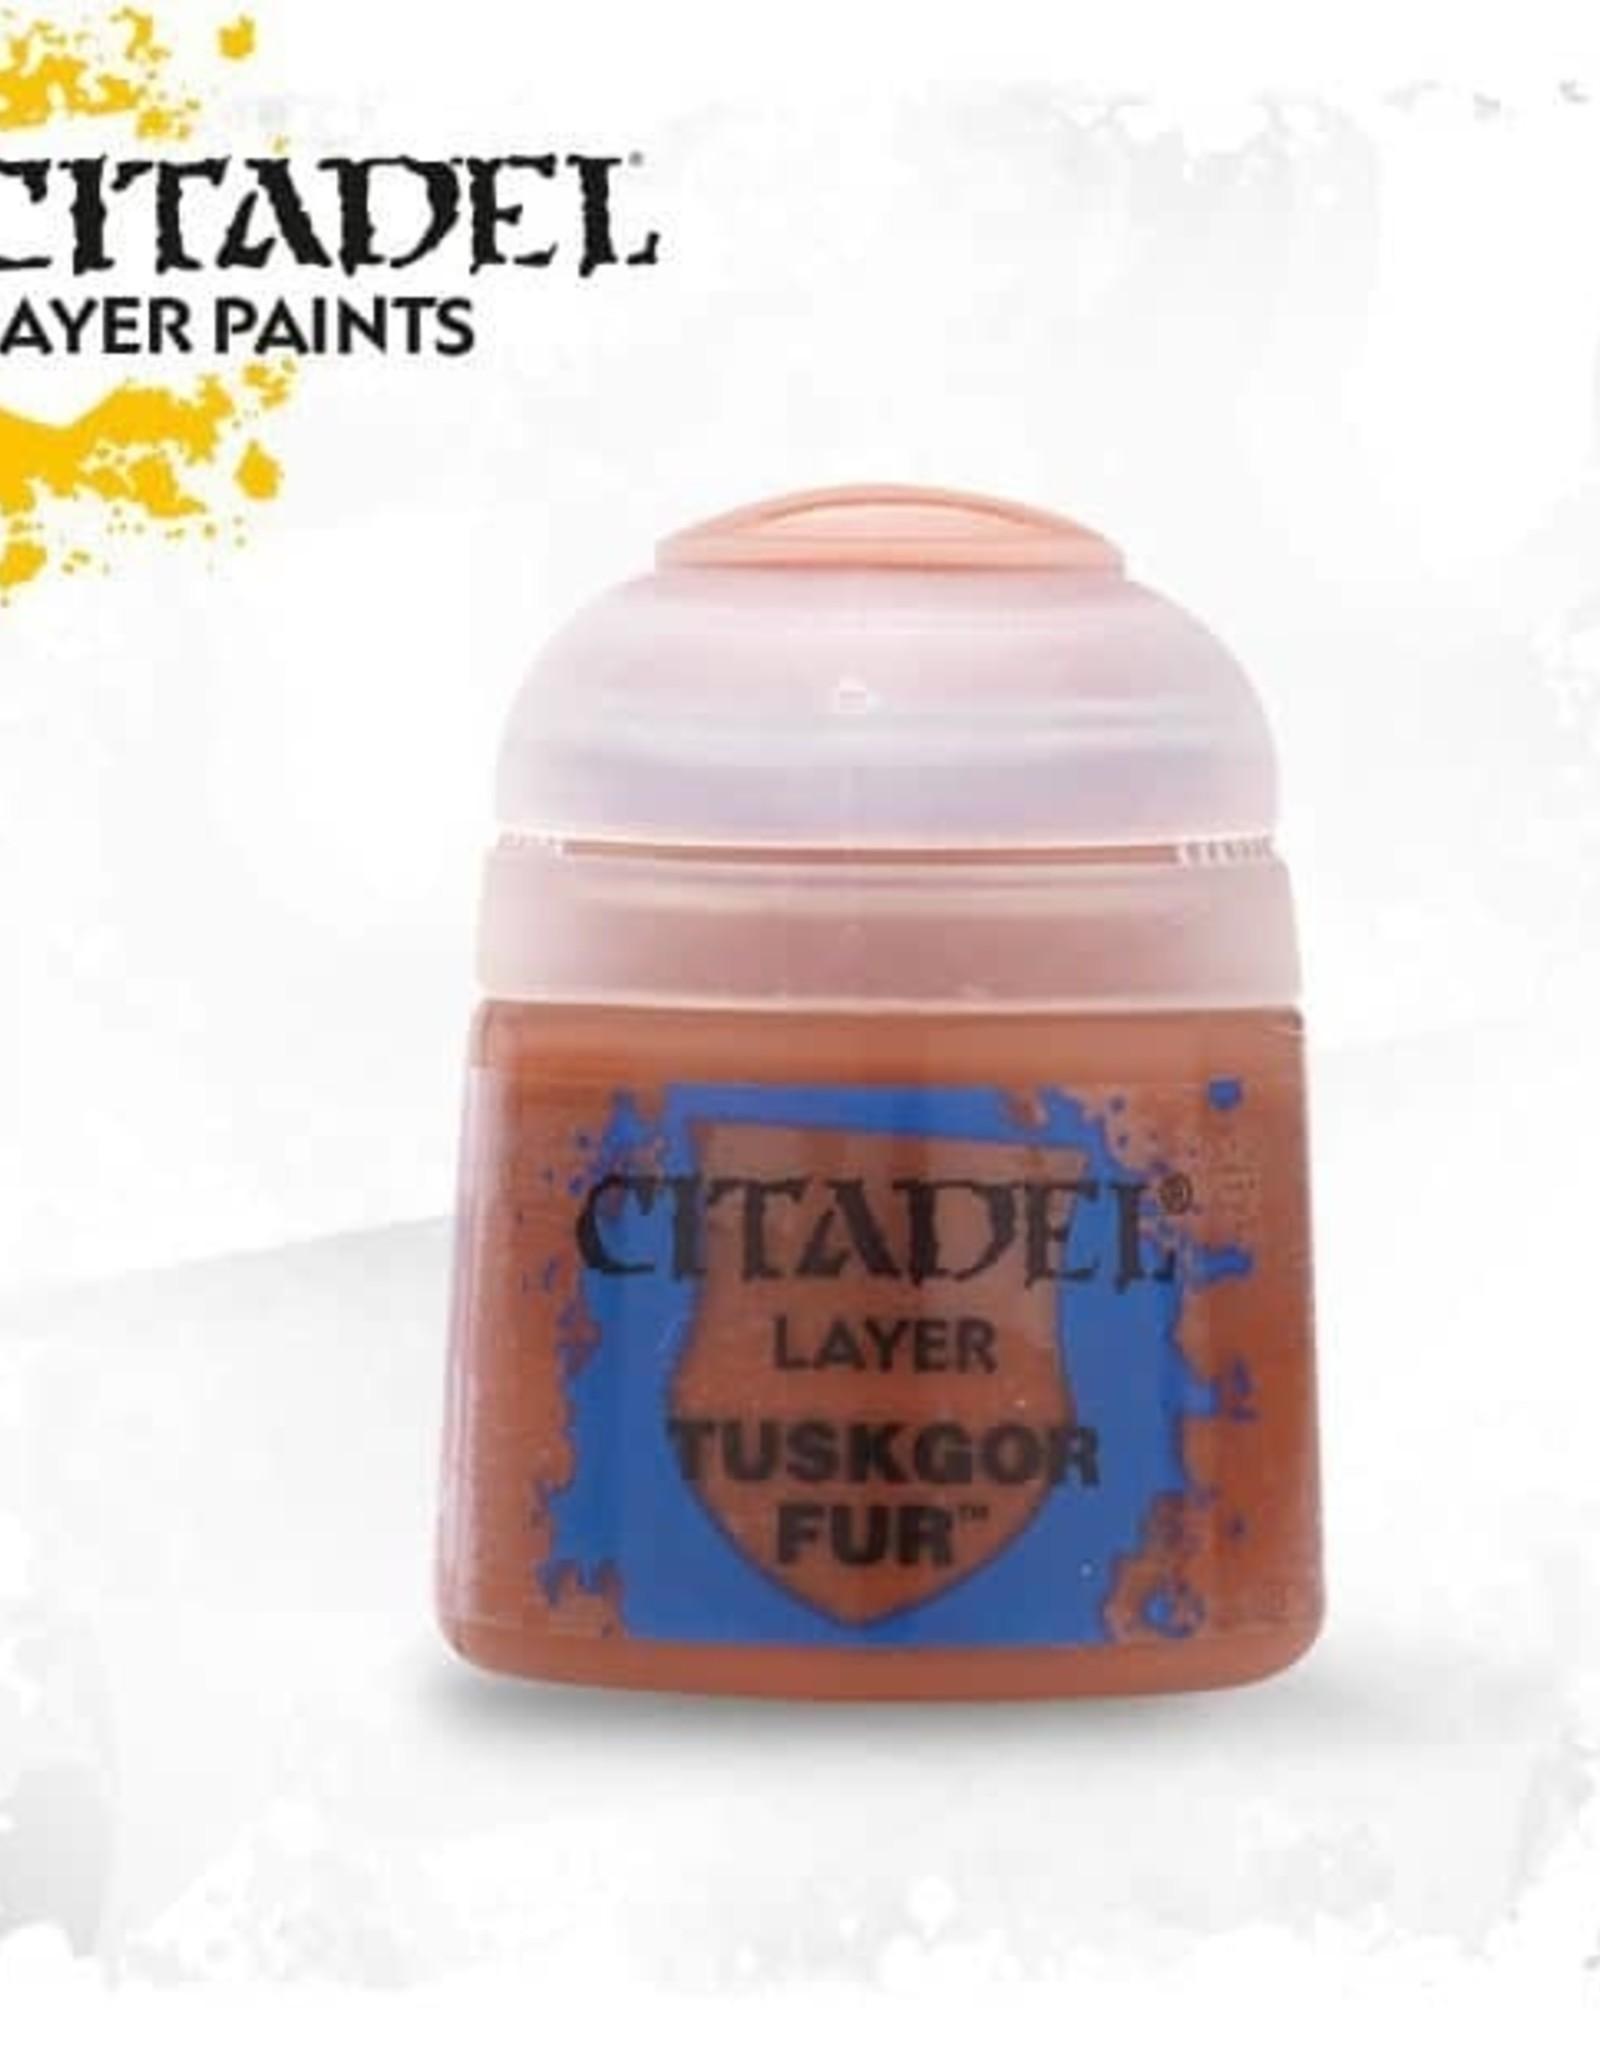 Games Workshop Citadel Paint: Layer - Tuskgor Fur